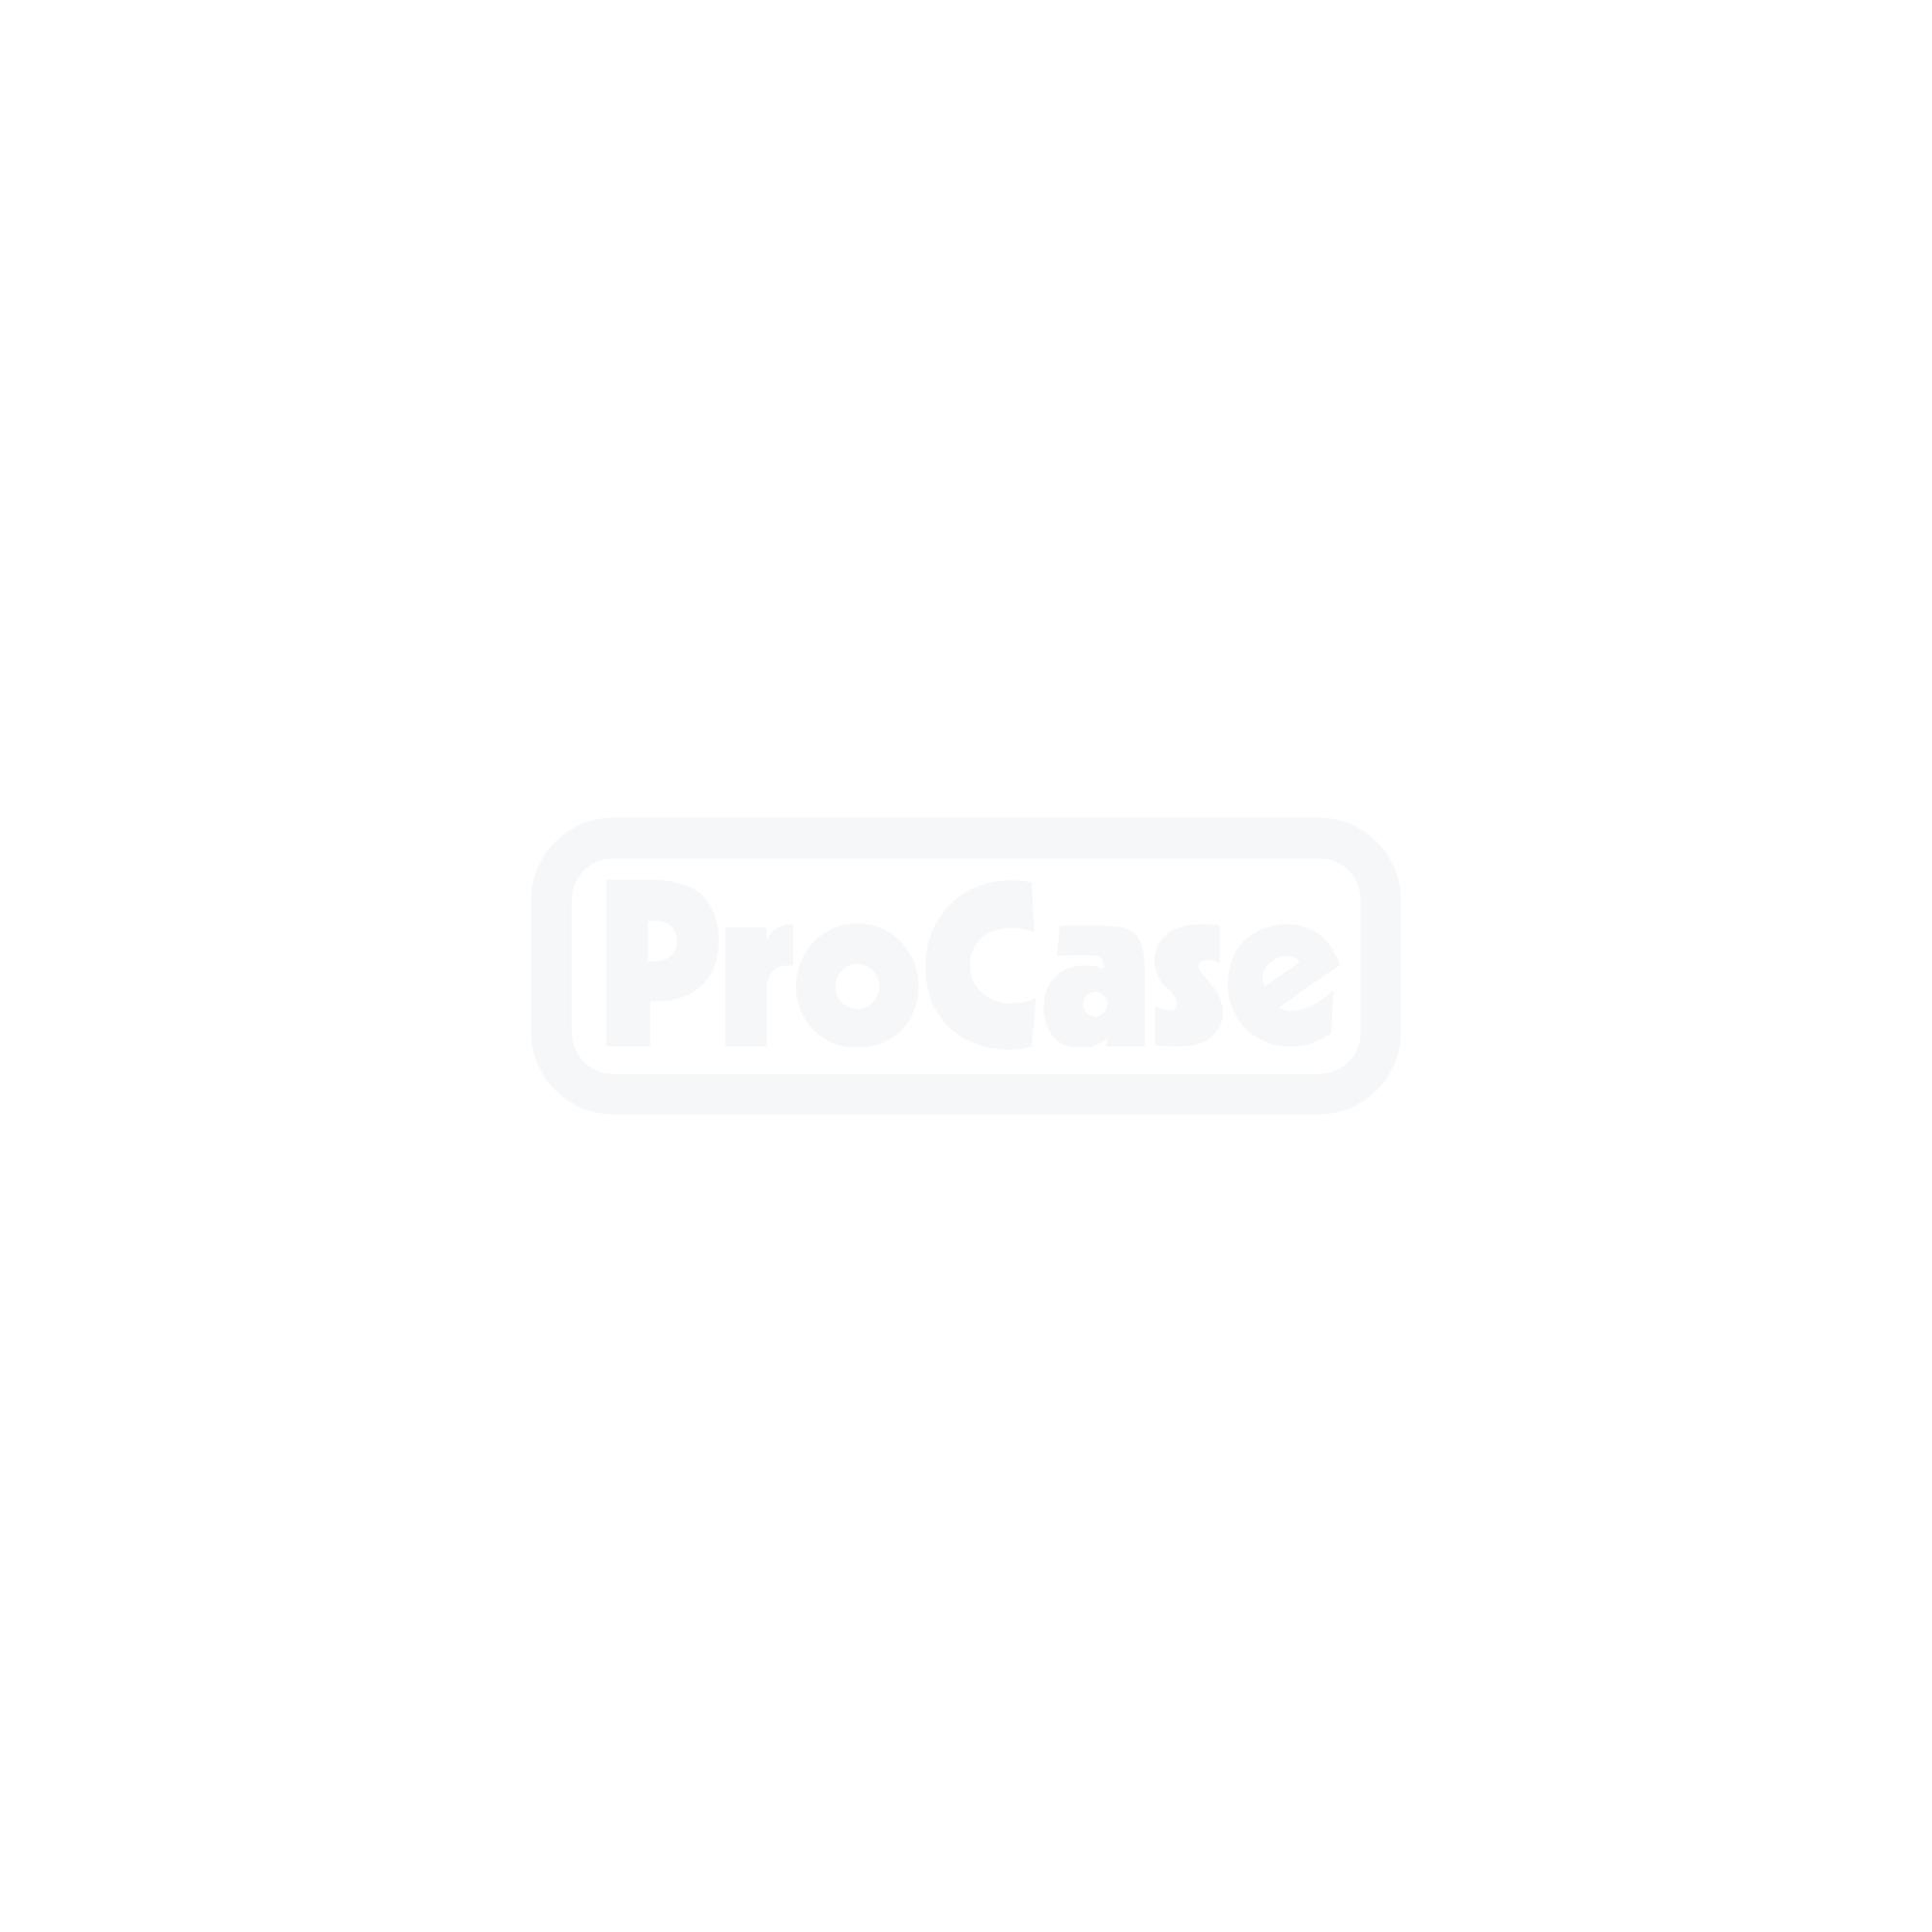 Flightcase für Craaft Nove ELC26 - 4er Cradle 2